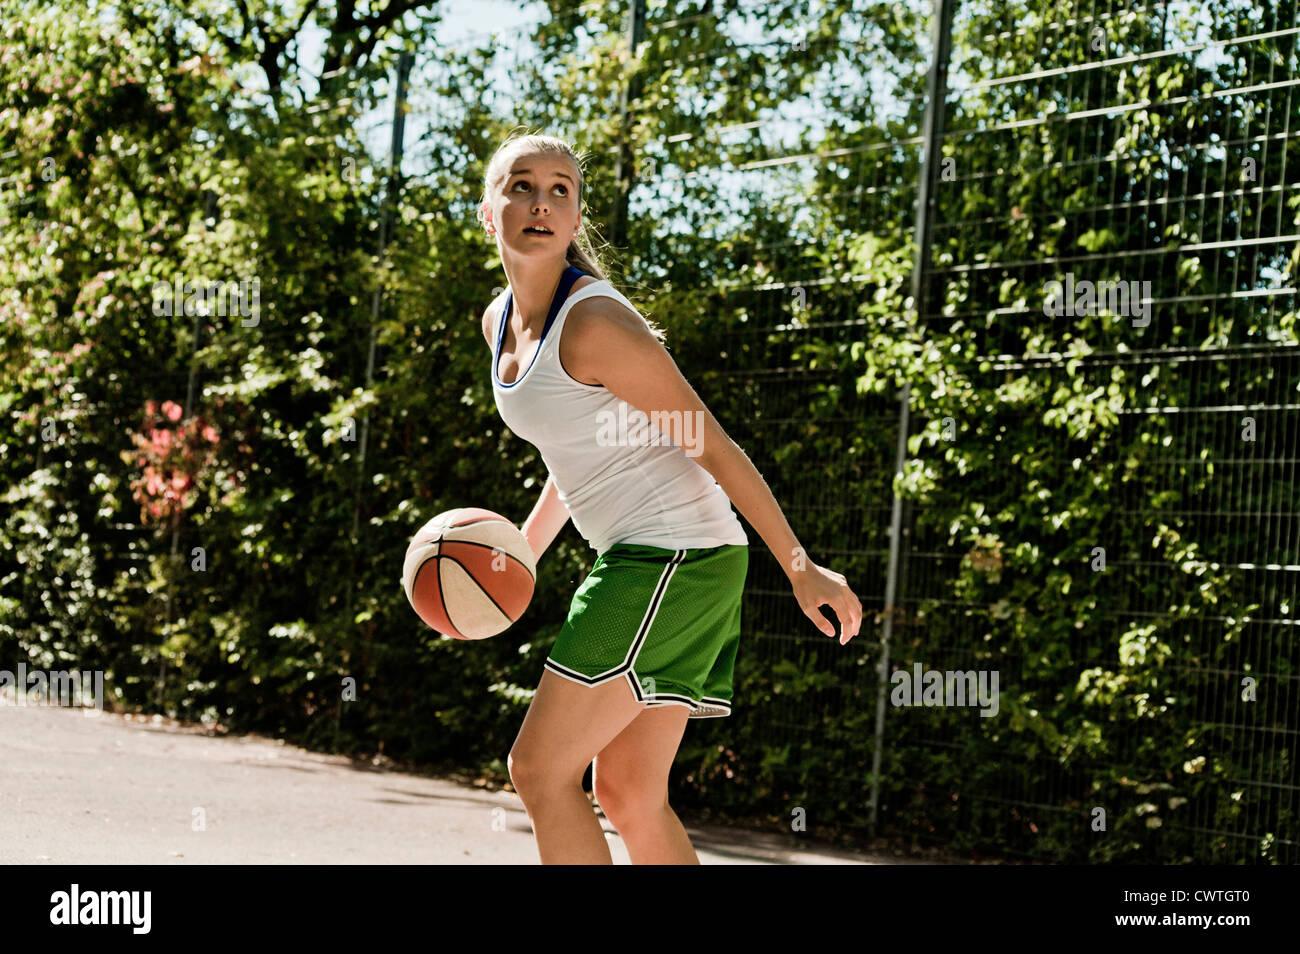 Teenage girl playing basketball - Stock Image